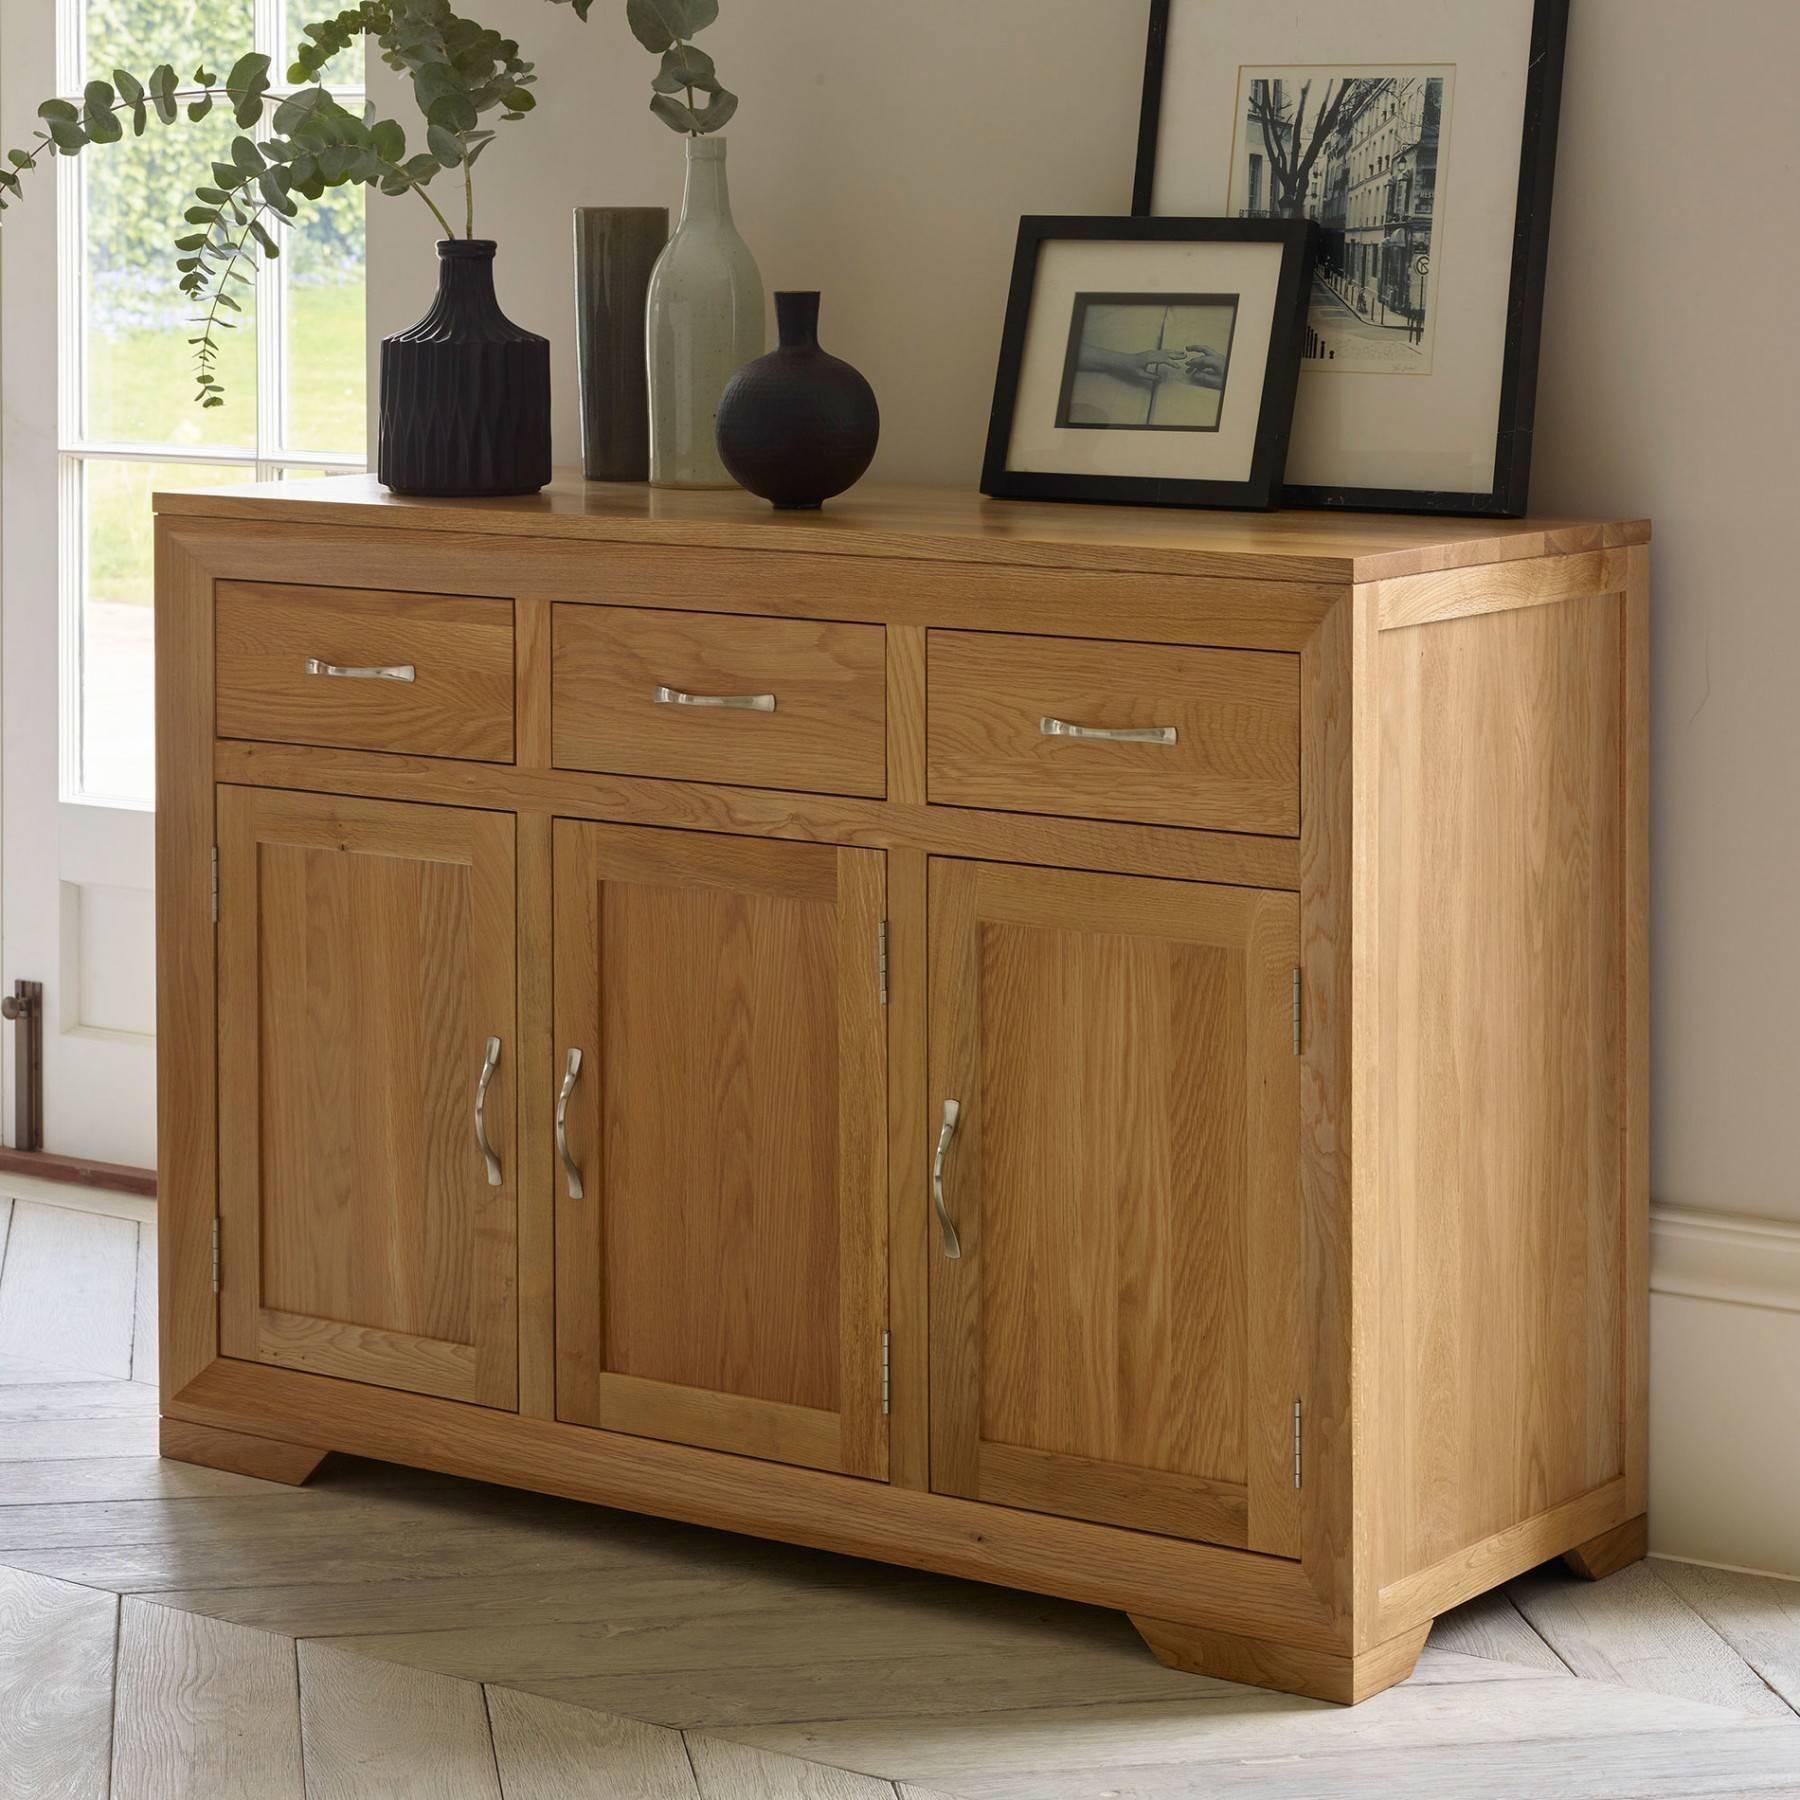 Bevel Natural Solid Oak Large Sideboard | Sideboards | Dining Room Inside Most Popular Large Oak Sideboard (View 14 of 15)